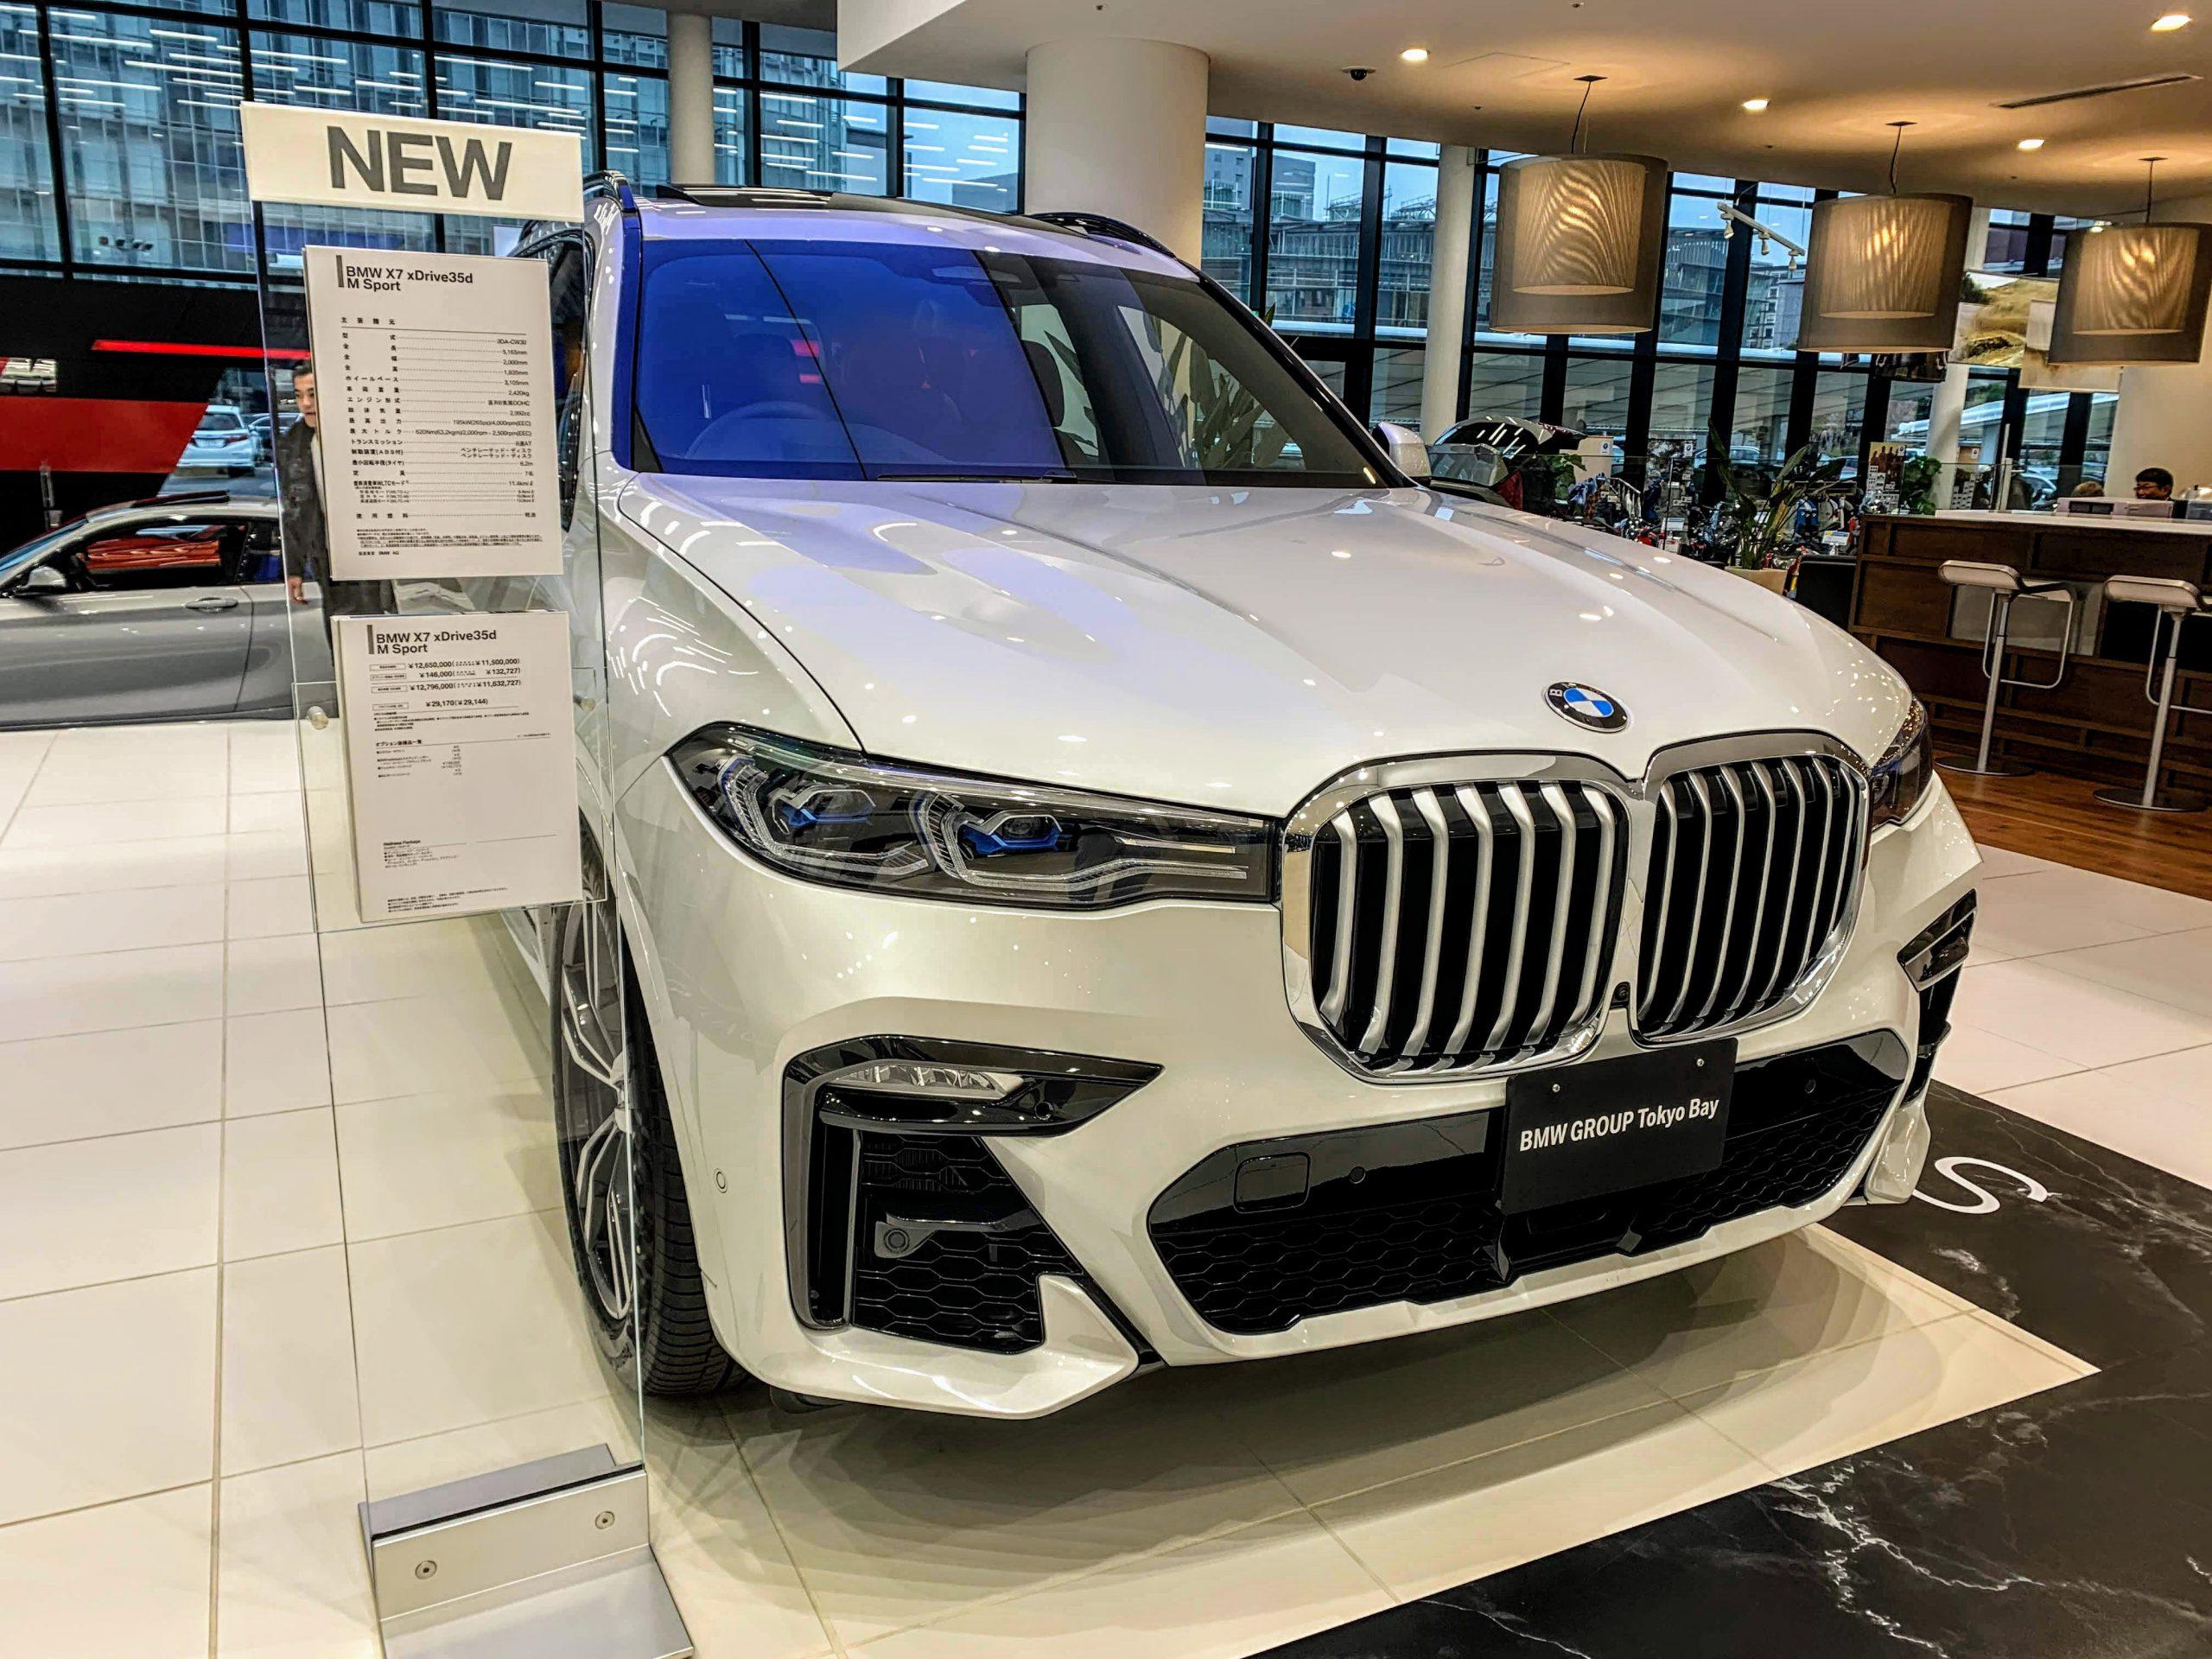 巨大キドニーグリルで揺るぎない存在感BMW X7&7シリーズの展示車を見てきました【BMW Group Tokyo Bay】